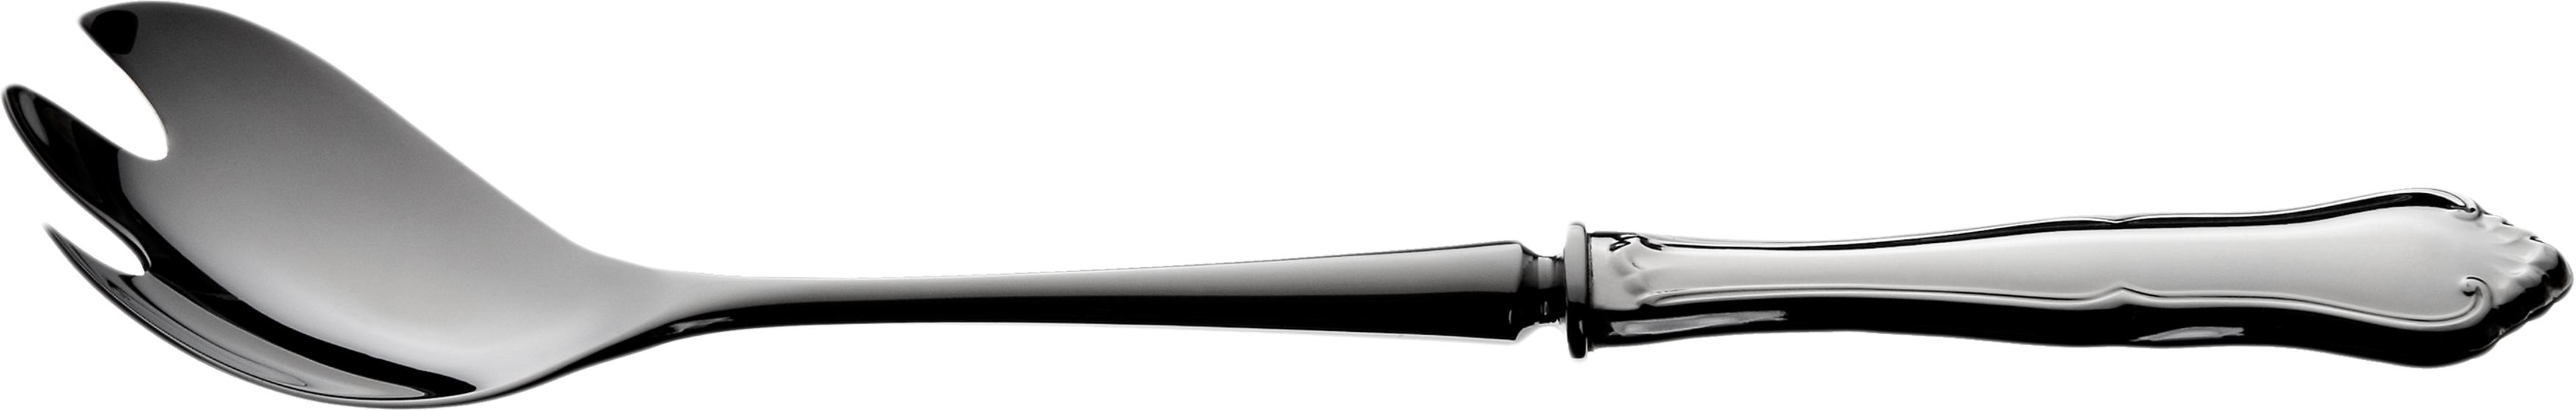 Salatgaffel med stålklinge, Märtha sølvbestikk